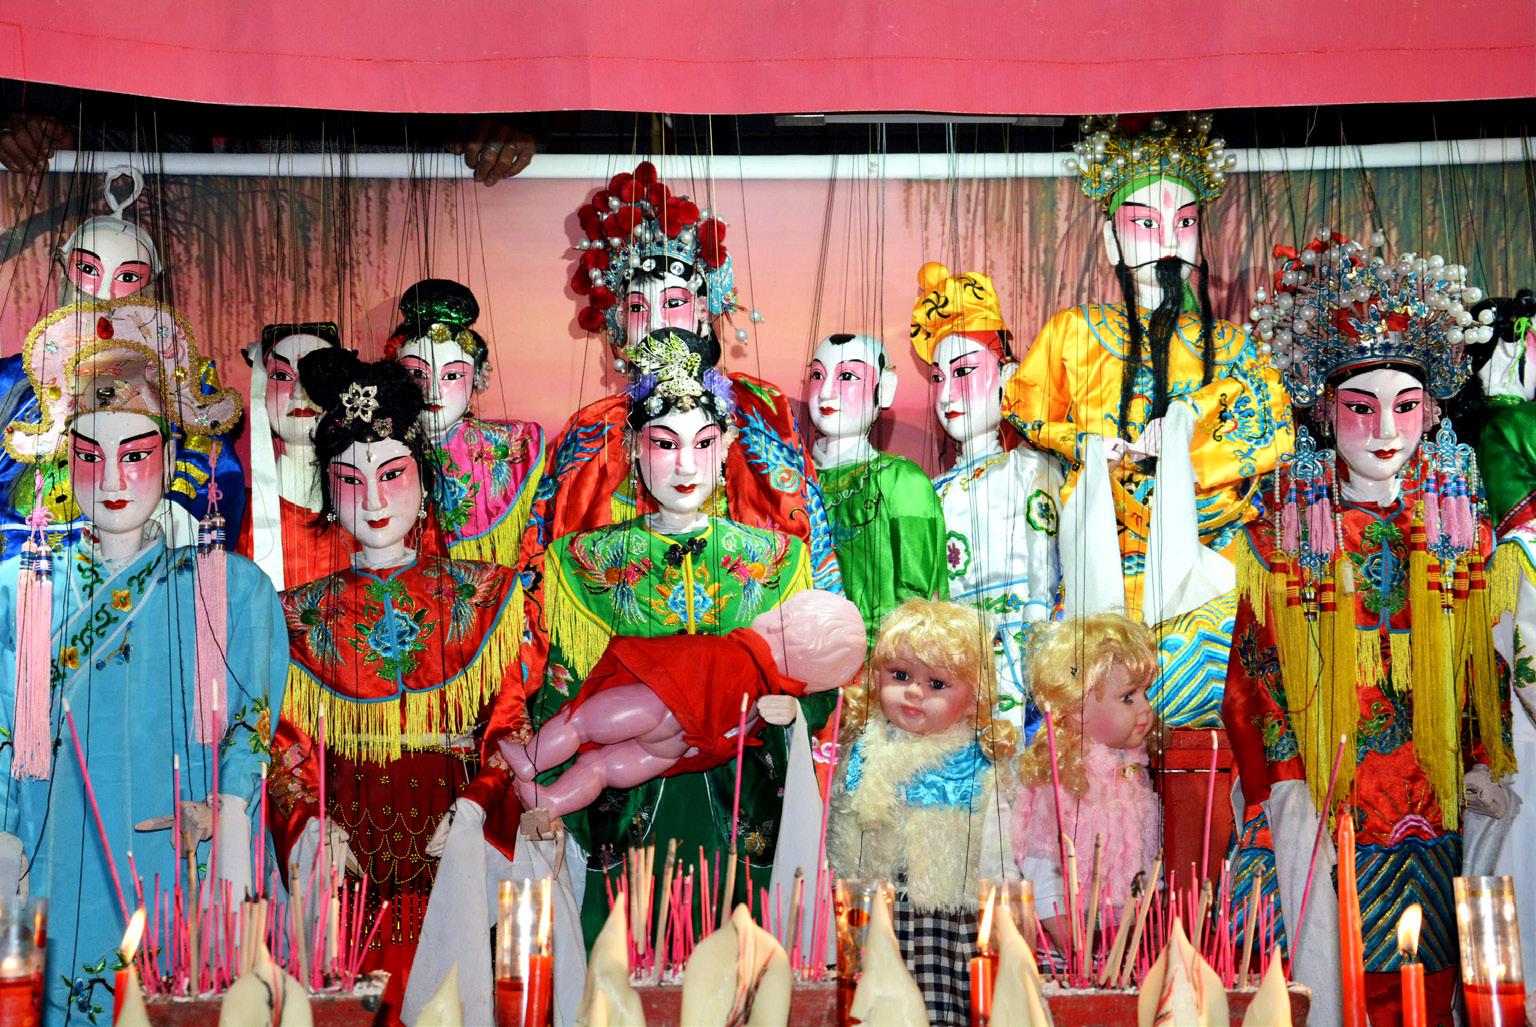 FIGURA 3. Momento finale di un rituale di fertilità realizzato con le marionette a Fu'ao il giorno successivo allo spettacolo presentato nell'articolo (foto: F. Serratore).